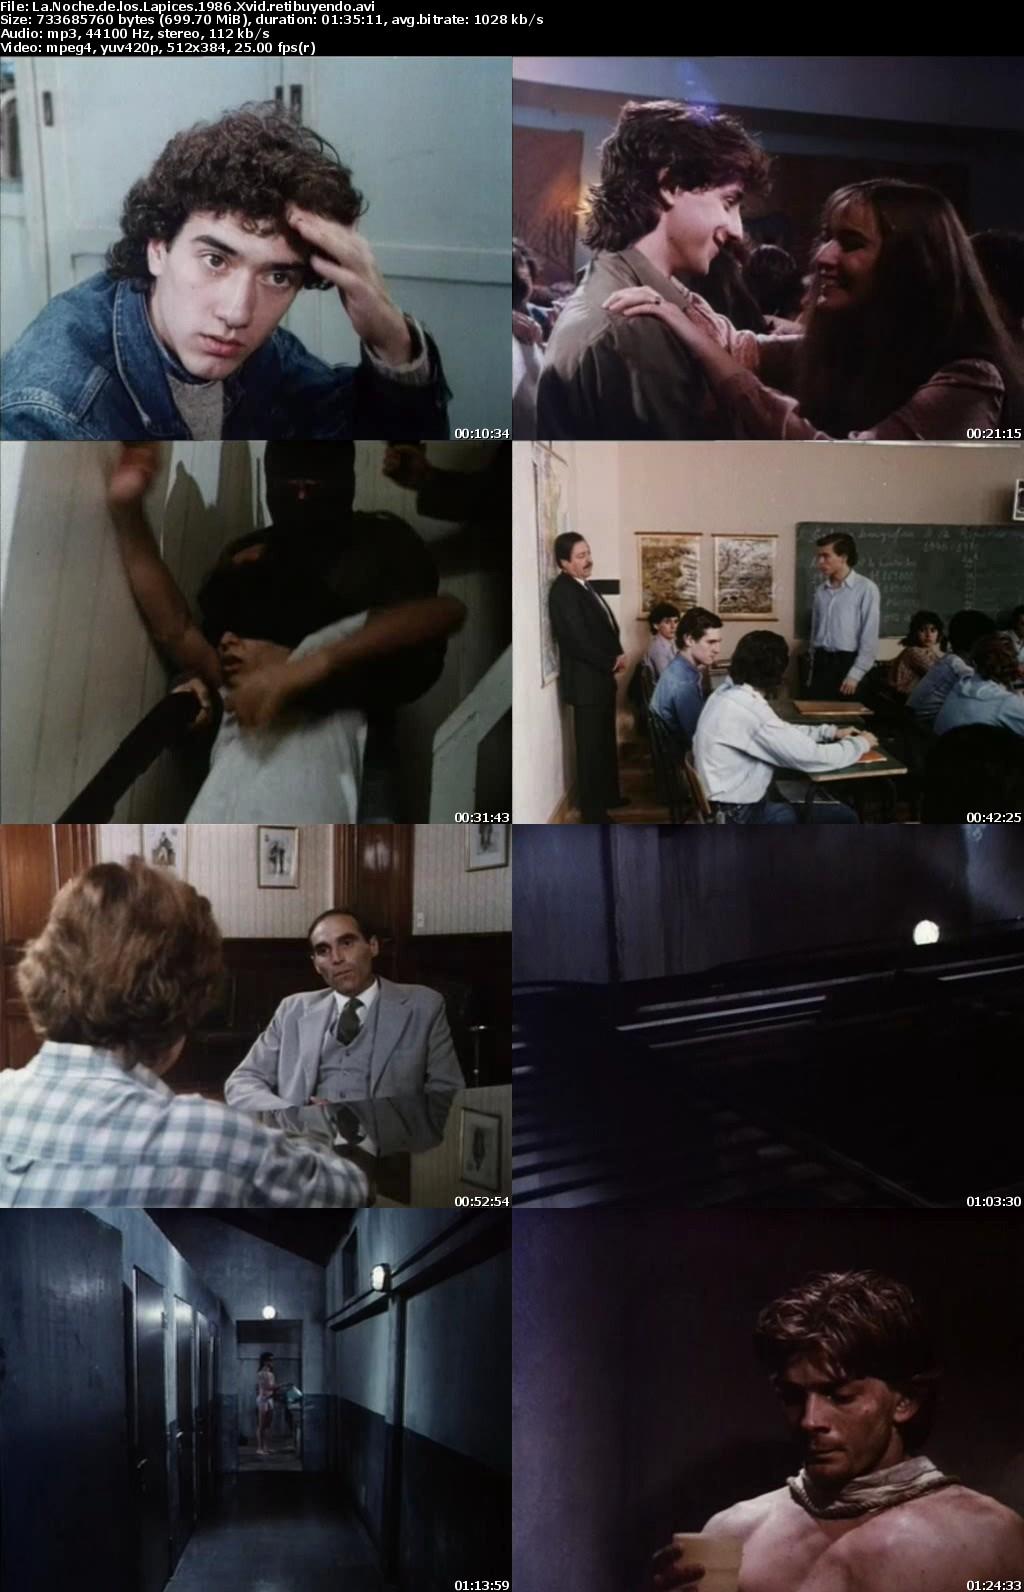 Capturas - La noche de los Lapices